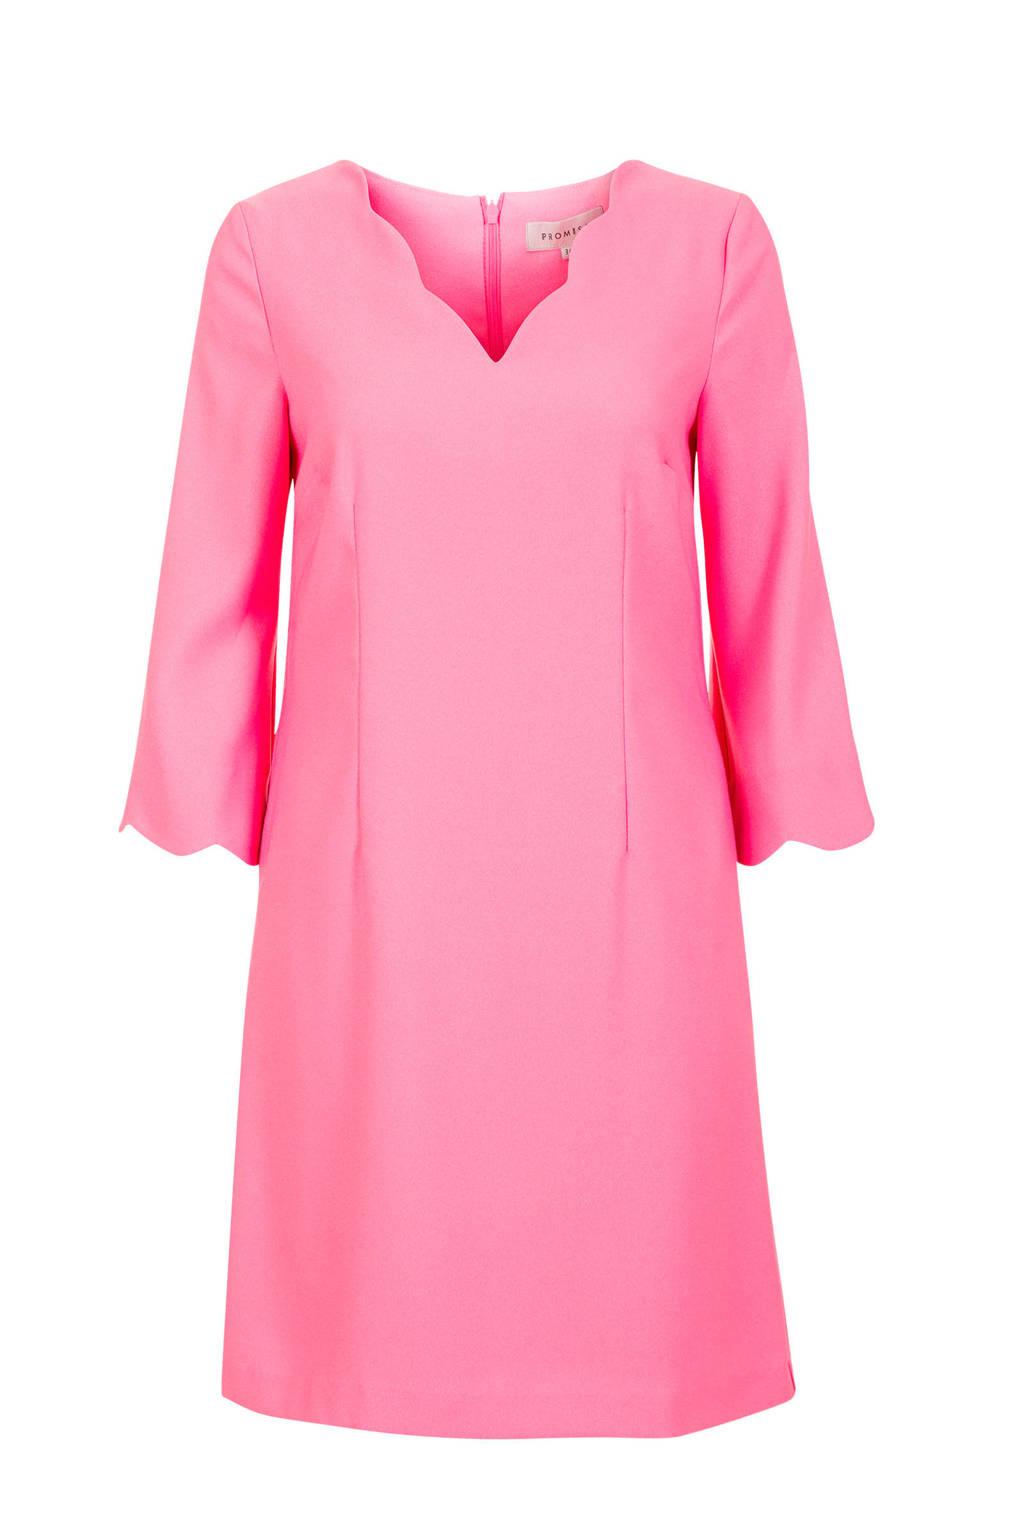 Promiss jurk roze, Roze